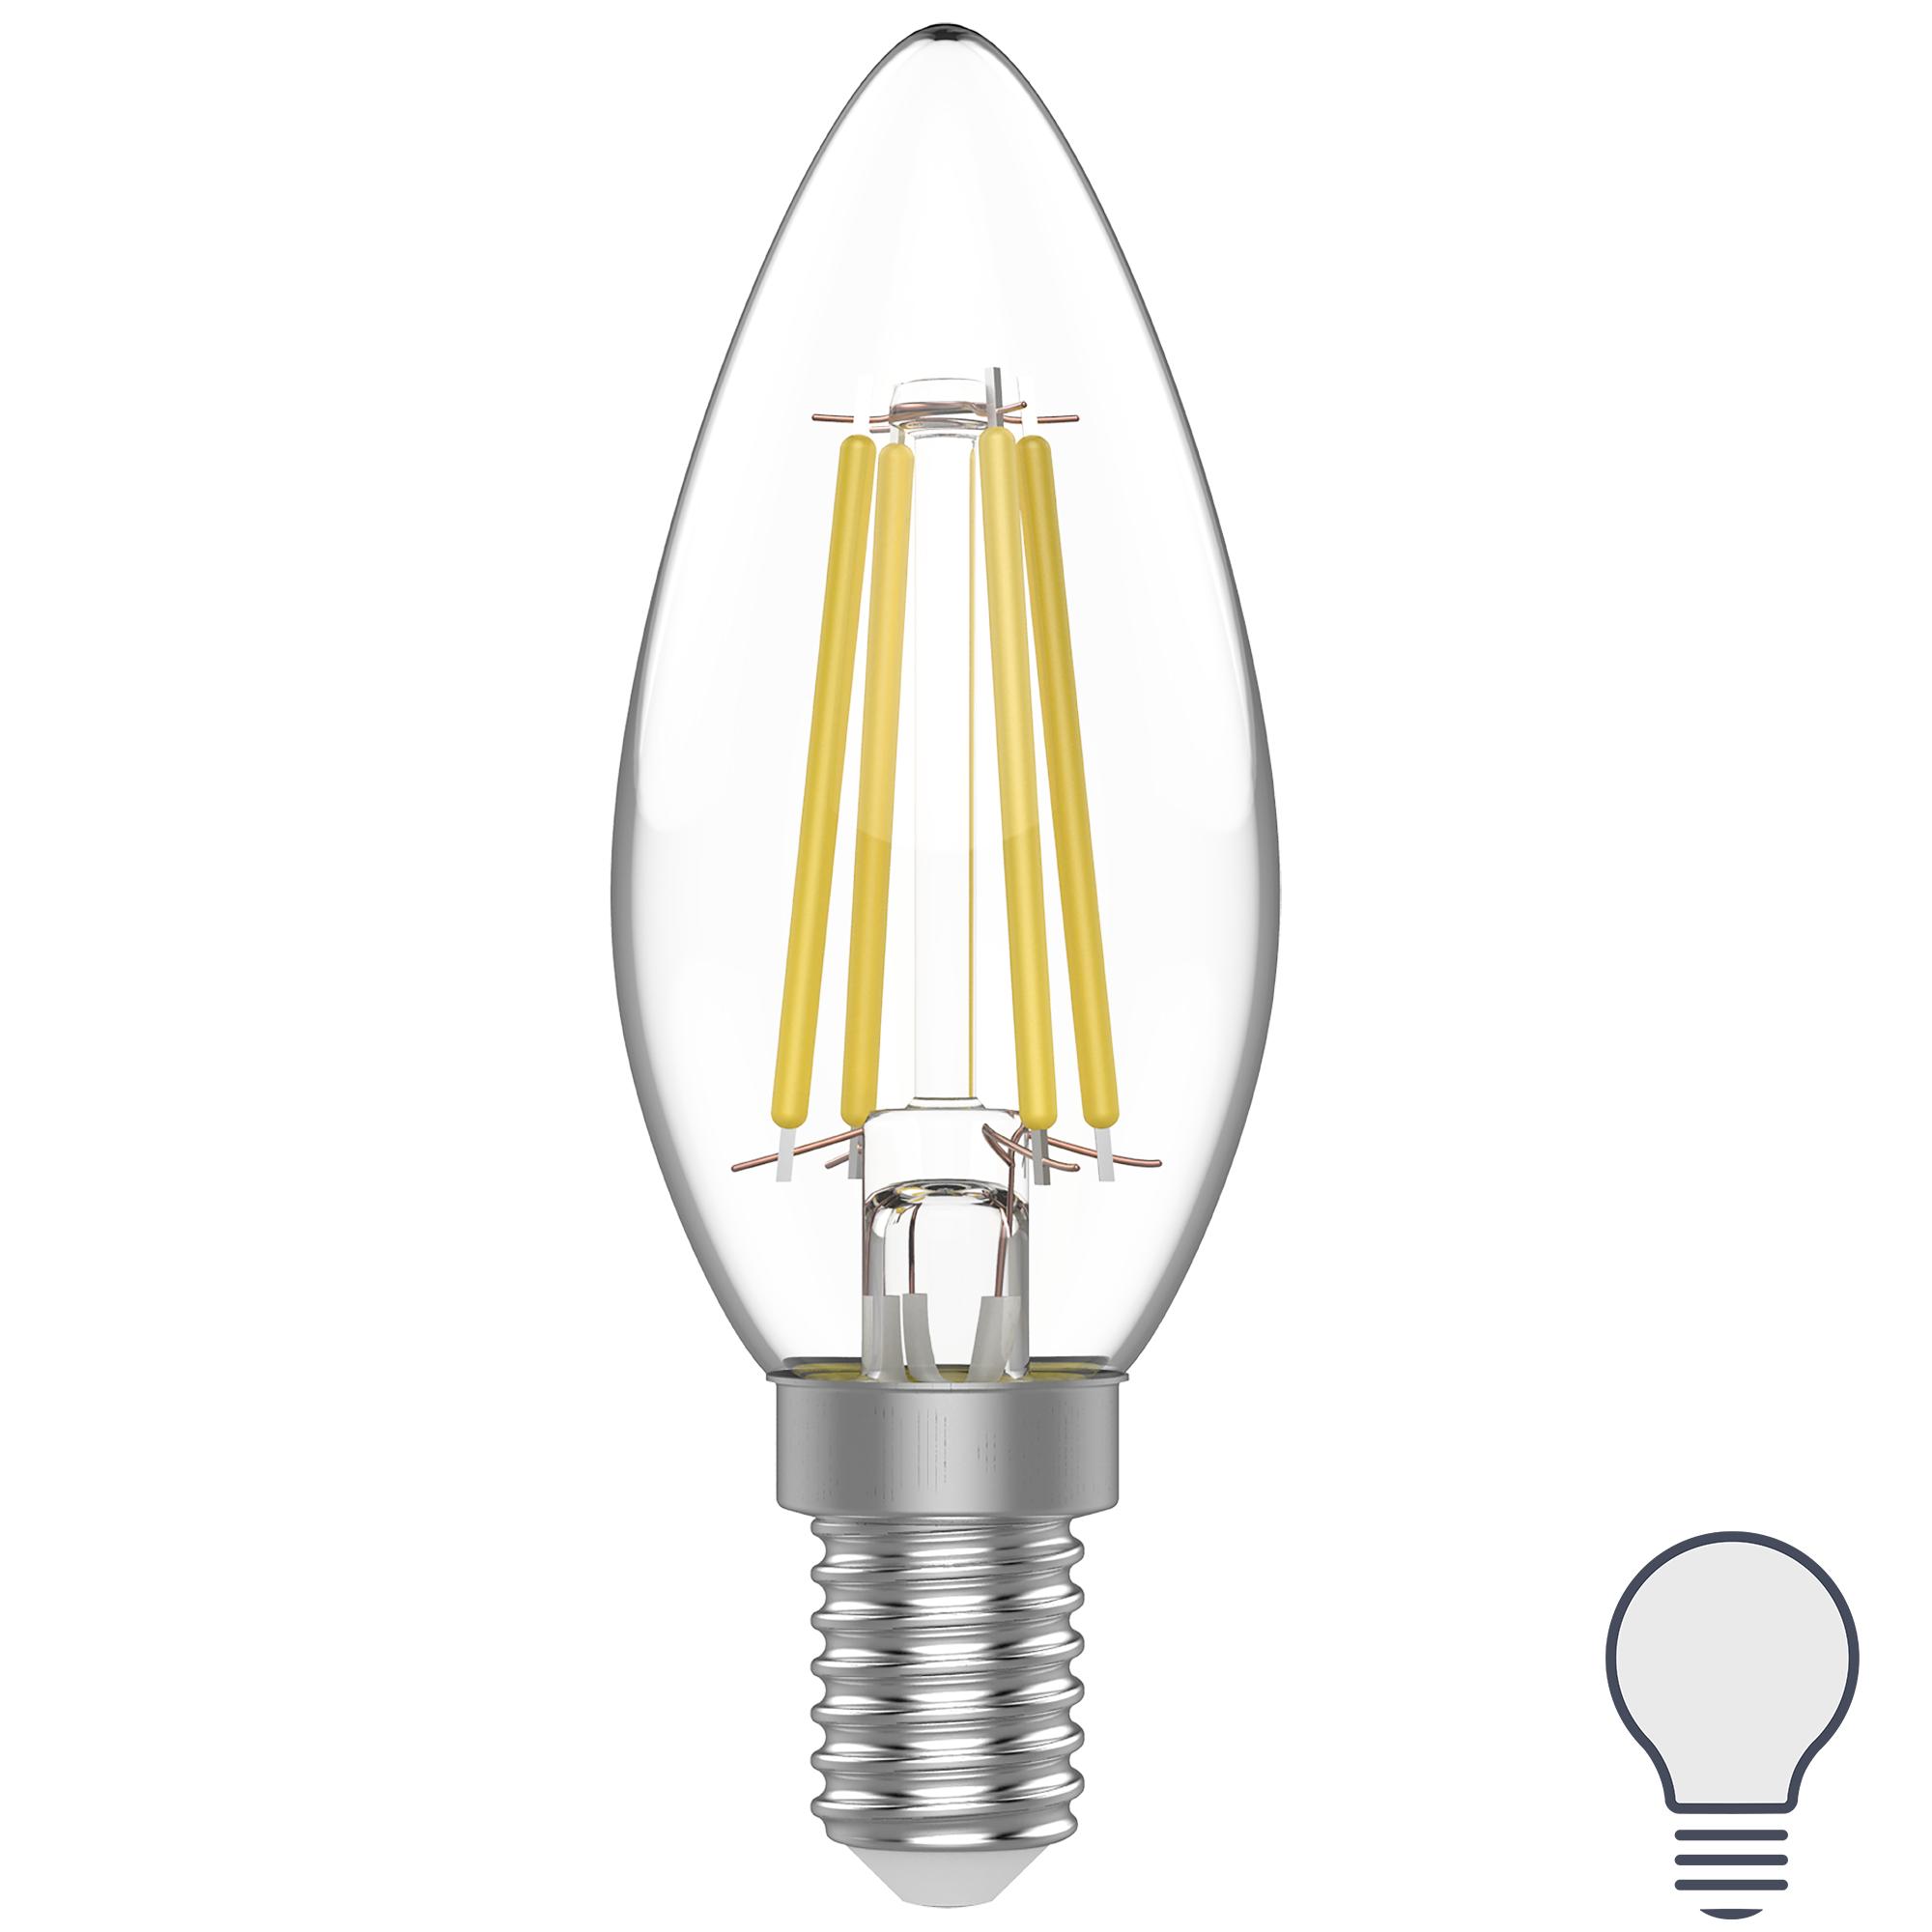 Лампа светодиодная Gauss E14 220 В 4.5 Вт свеча 420 лм белый свет